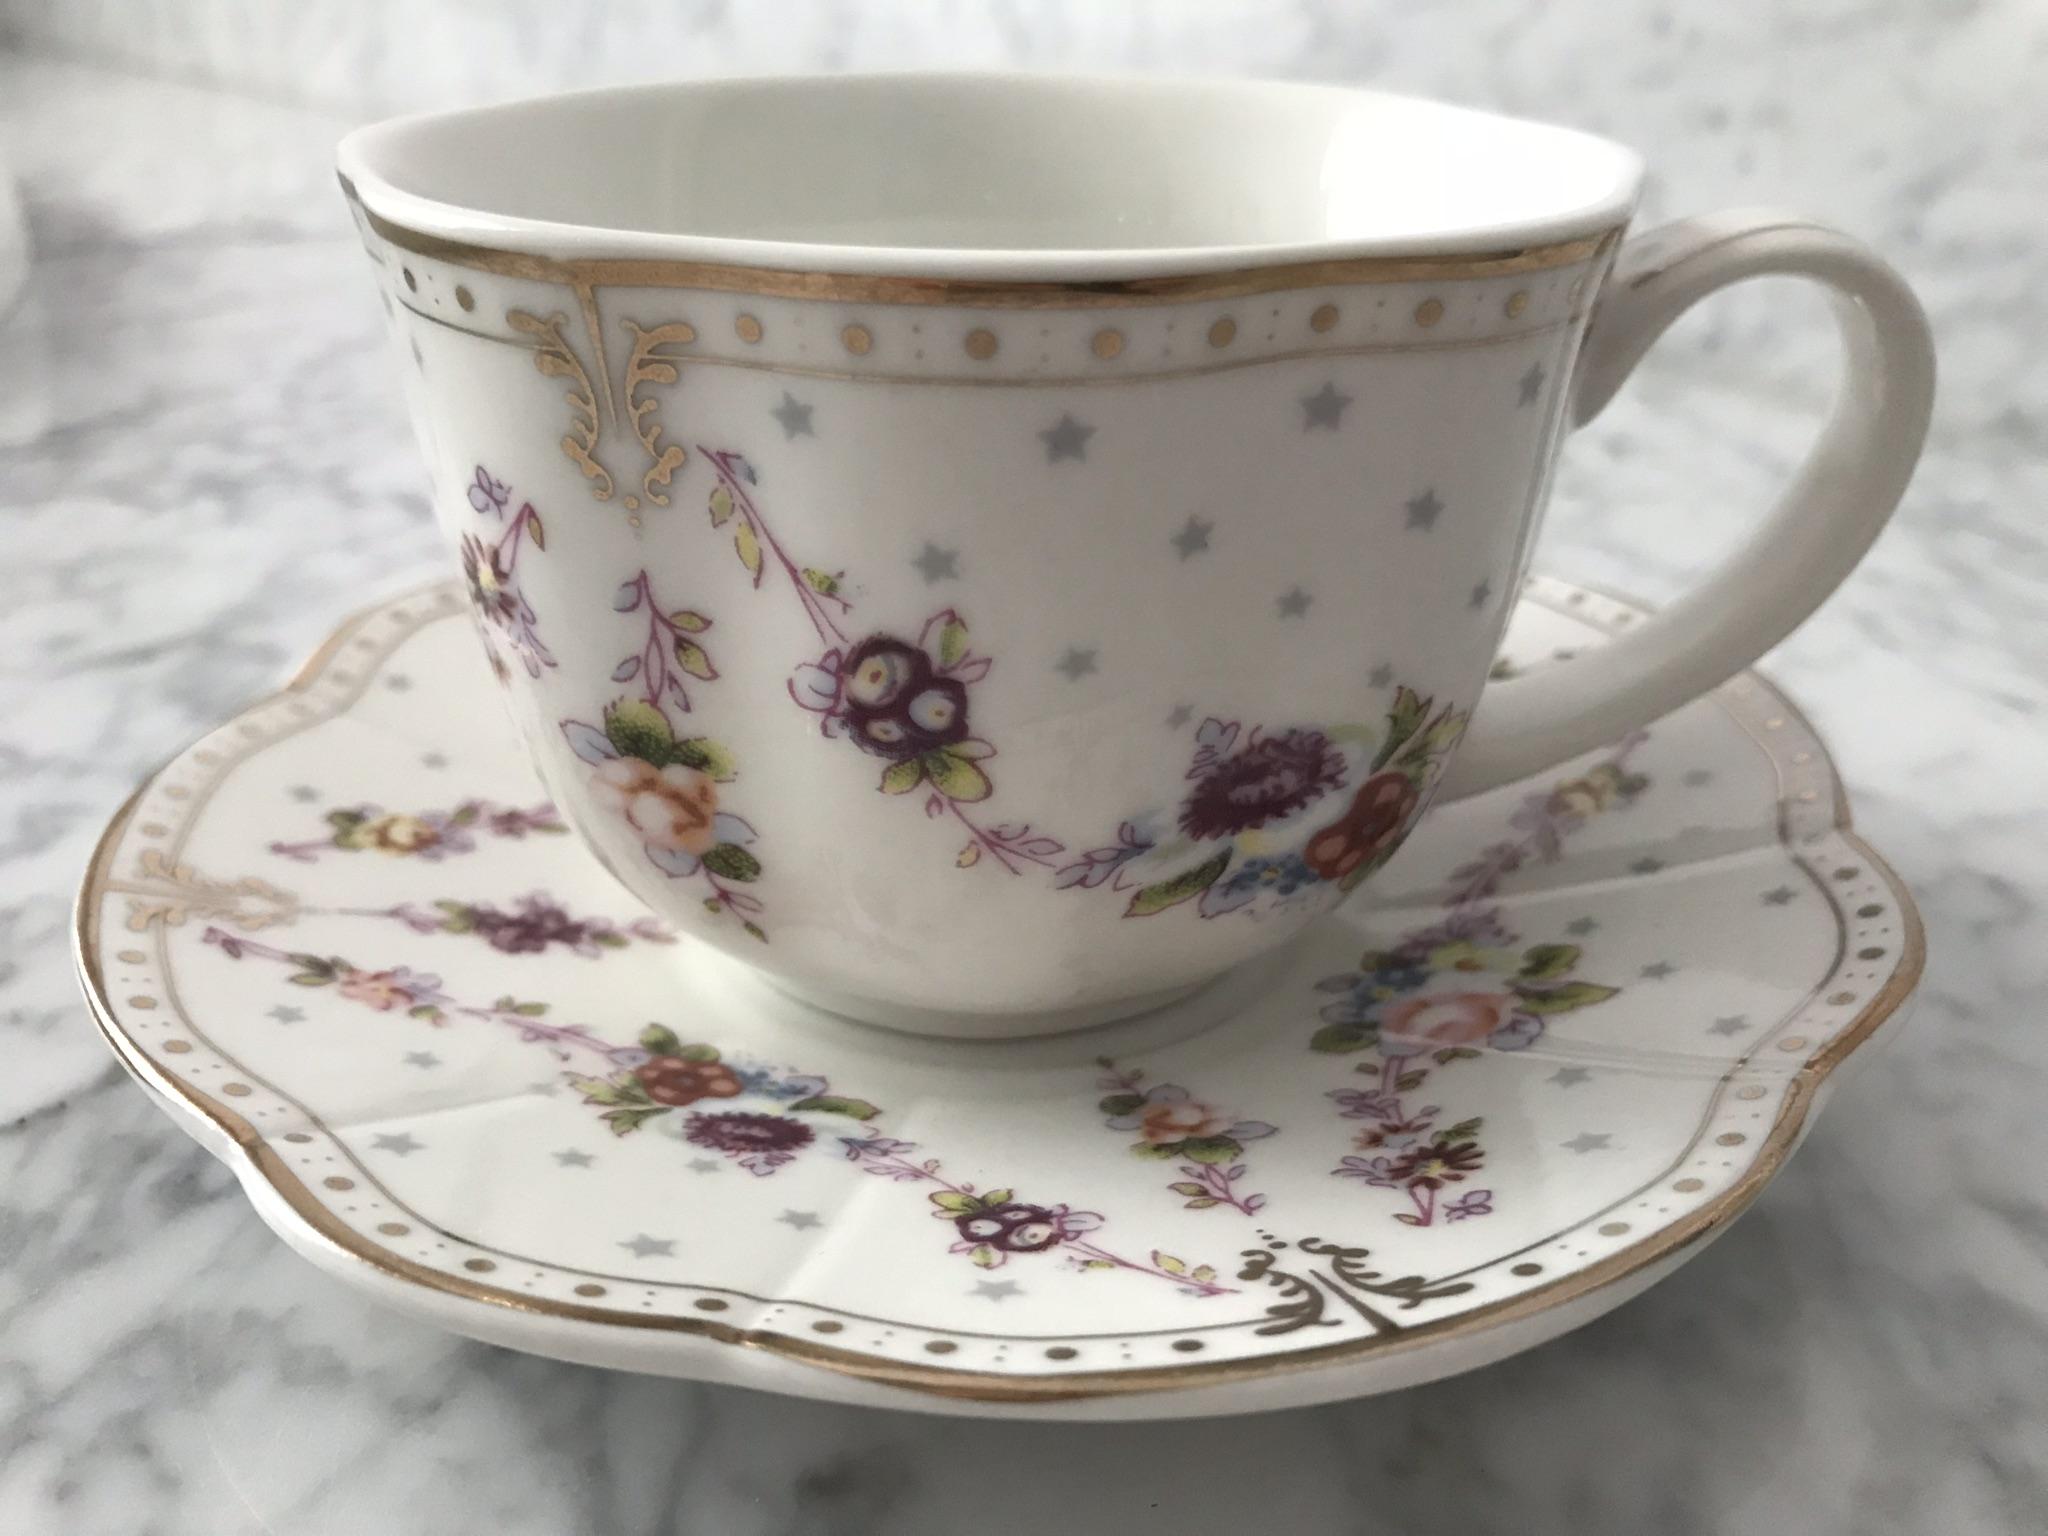 teacup from Lori of Michigan